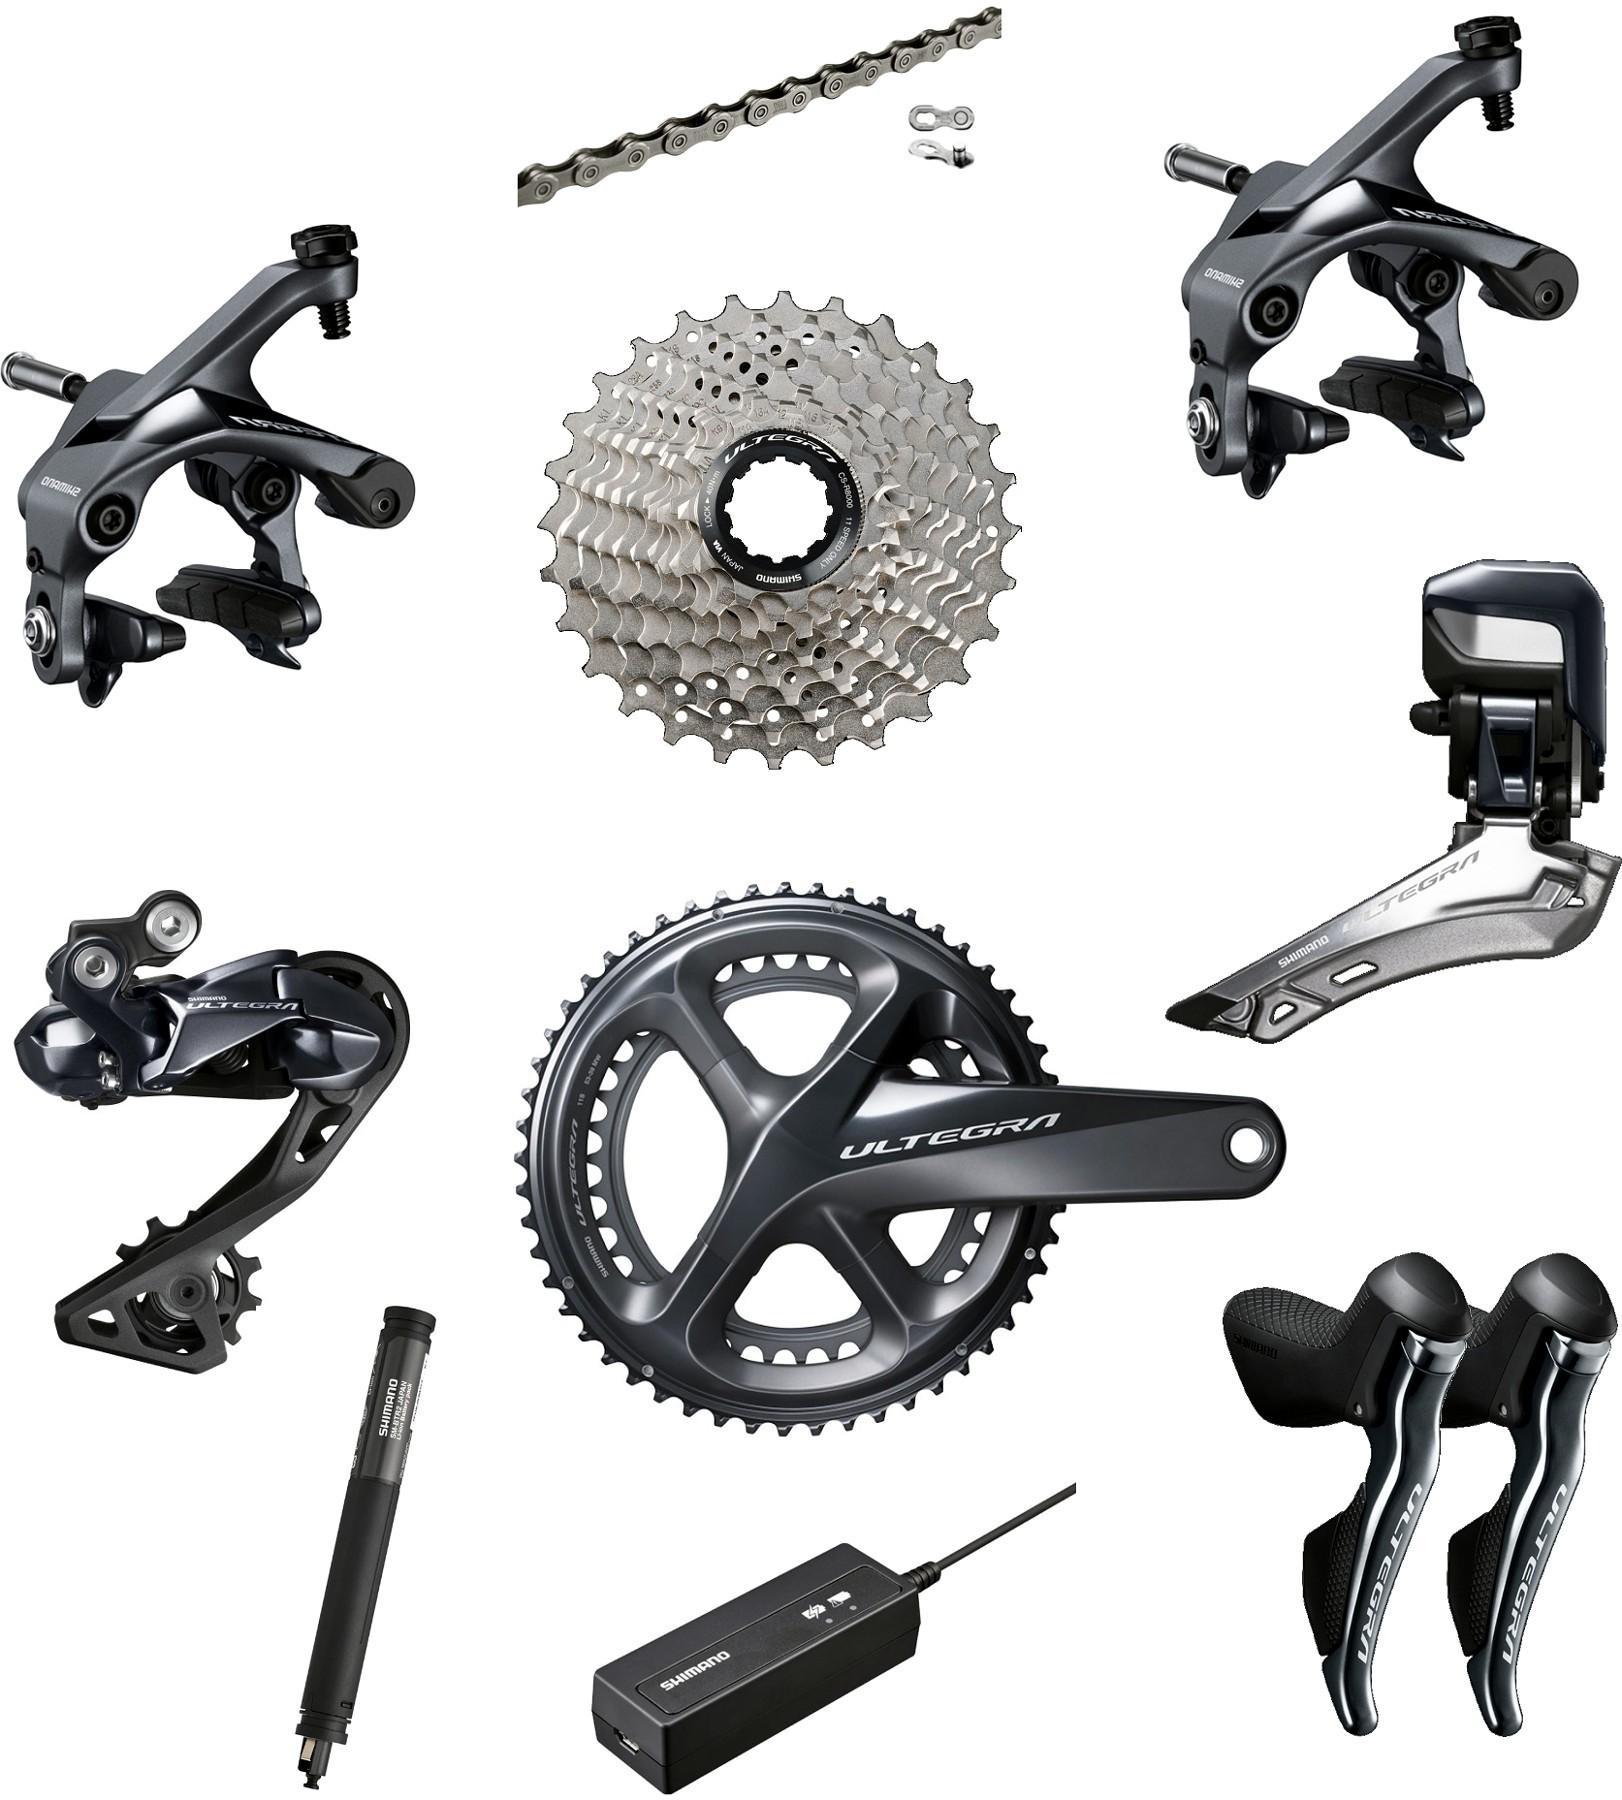 de0a6e7bd1d SHIMANO ULTEGRA R8050 DI2 2X11 GROUPSET – S2Hcycle | MTB | Road ...